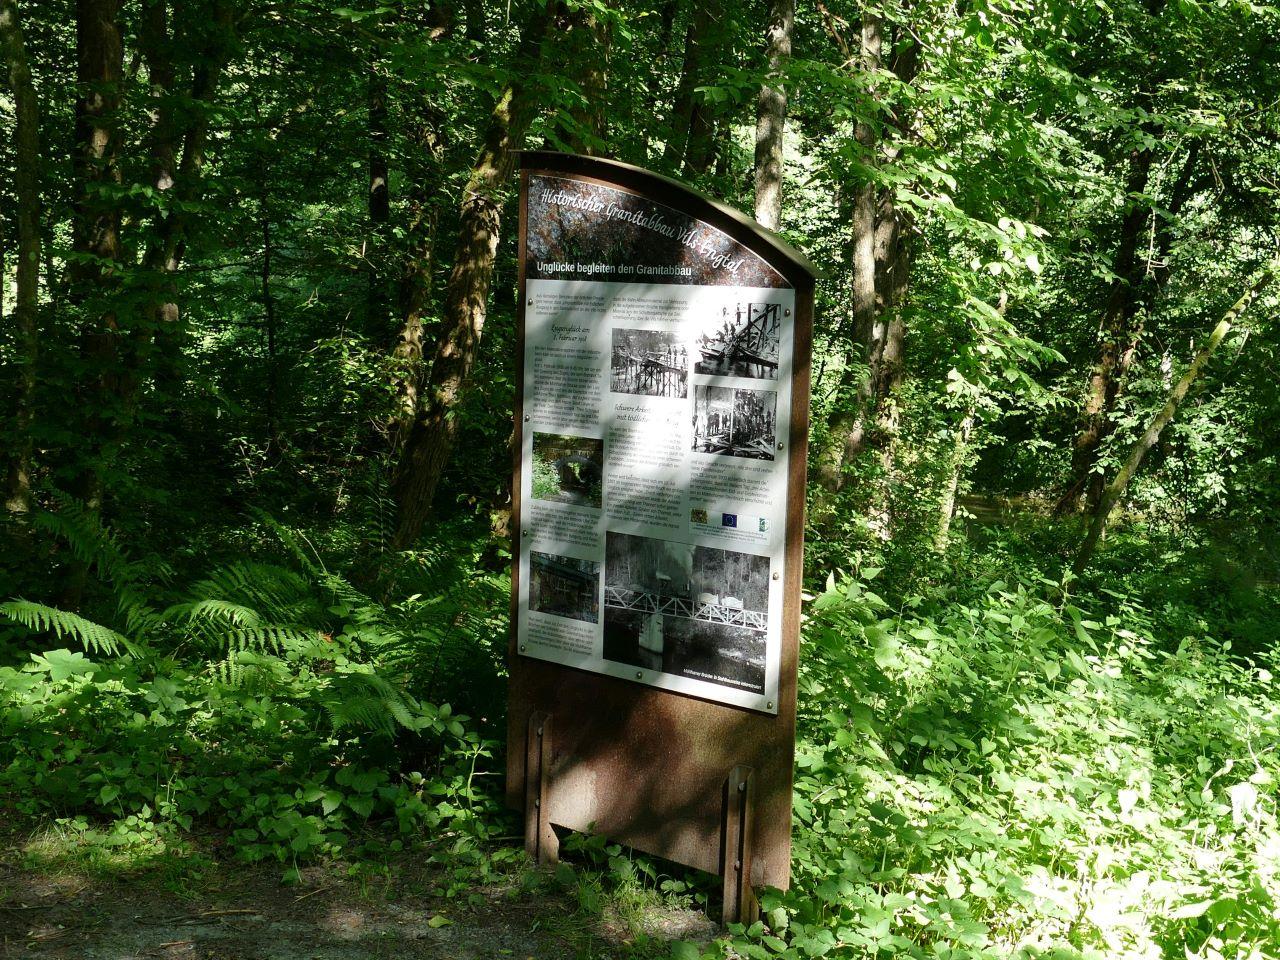 Viele Informationstafeln geben einen Einblick in die Entwicklung des Naturschutzgebietes